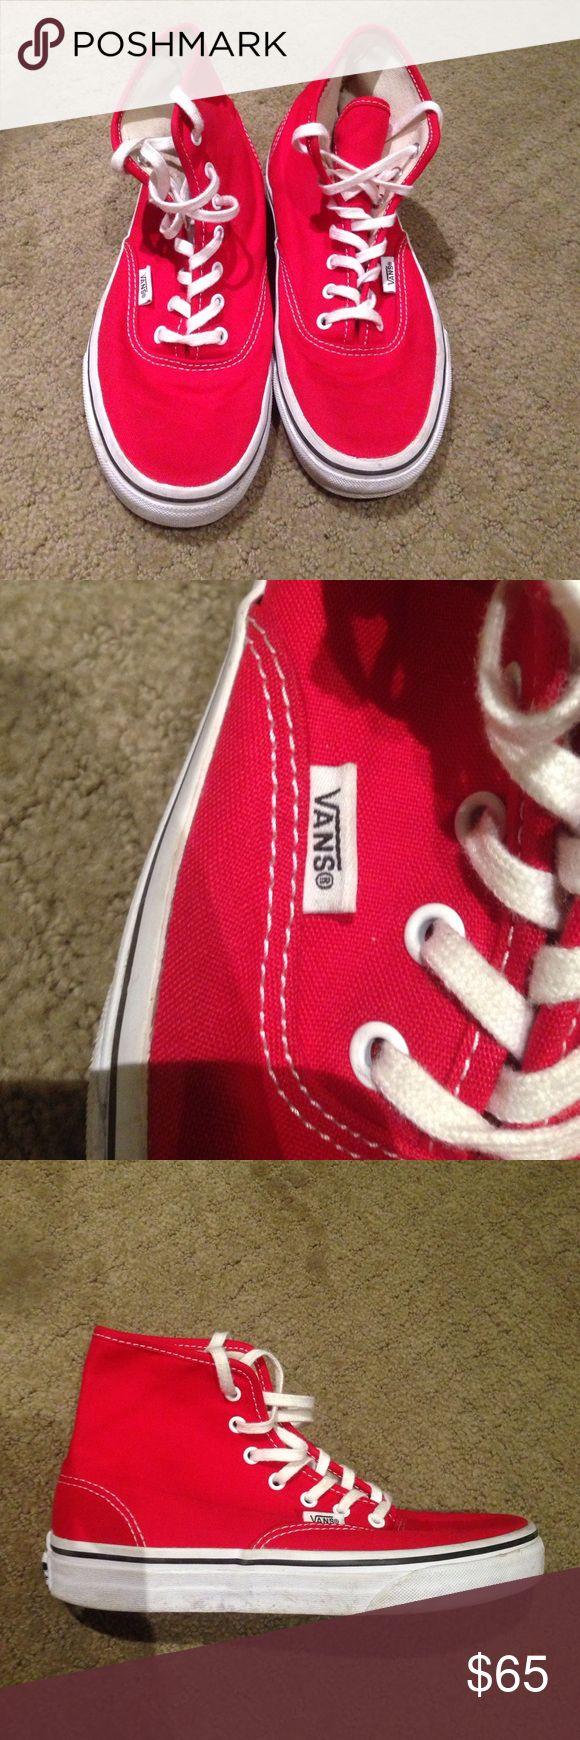 Red high top vans Red high top vans. Worn once. Good condition. Men's 5.5.  Women's 7. Vans Shoes Sneakers